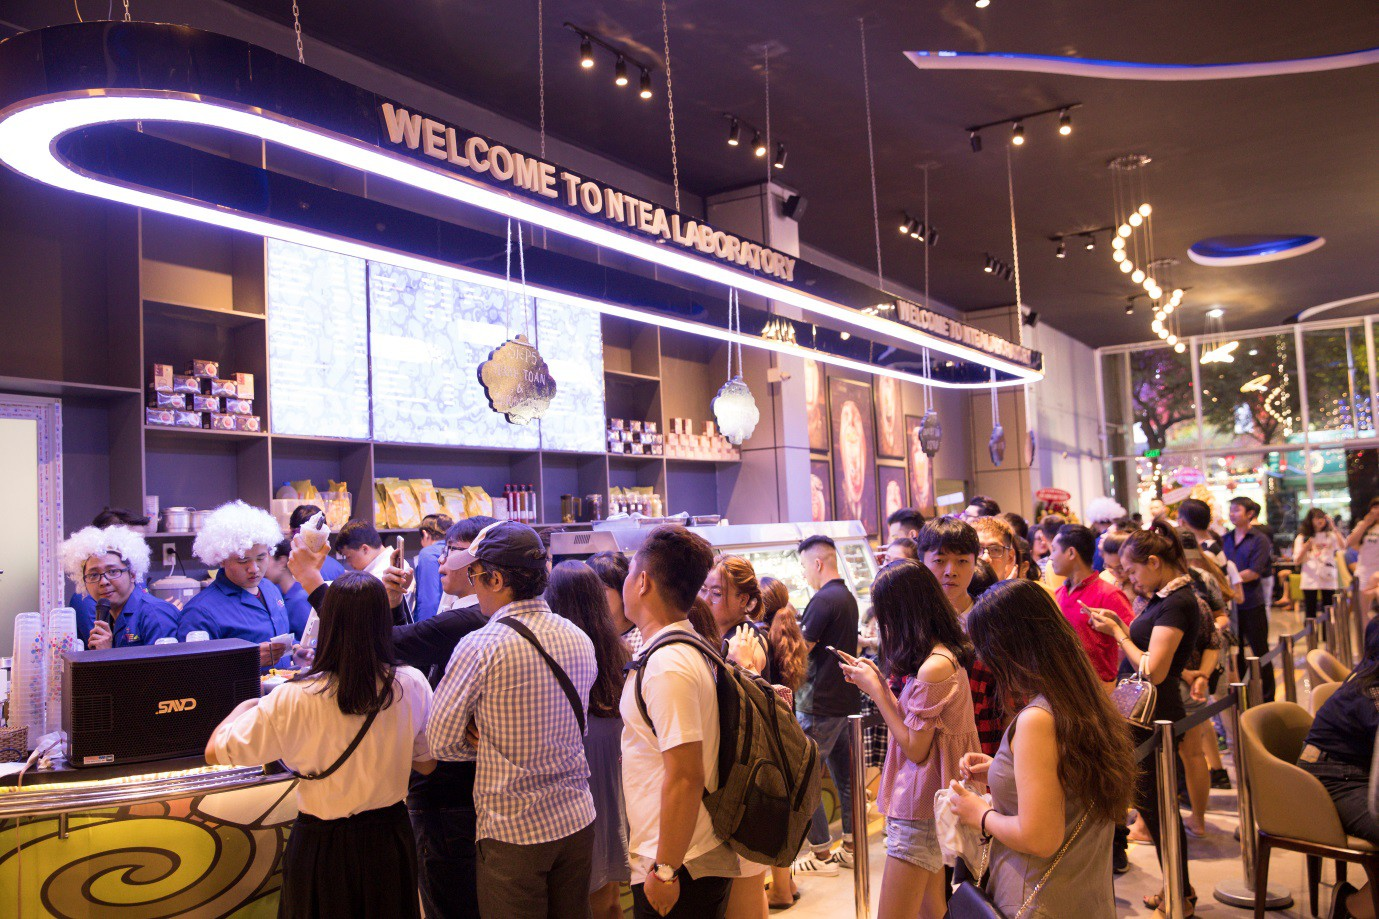 Trà sữa Ntea Drink gây sốt khi thu hút hàng nghìn khách hàng dịp khai trương - Ảnh 7.